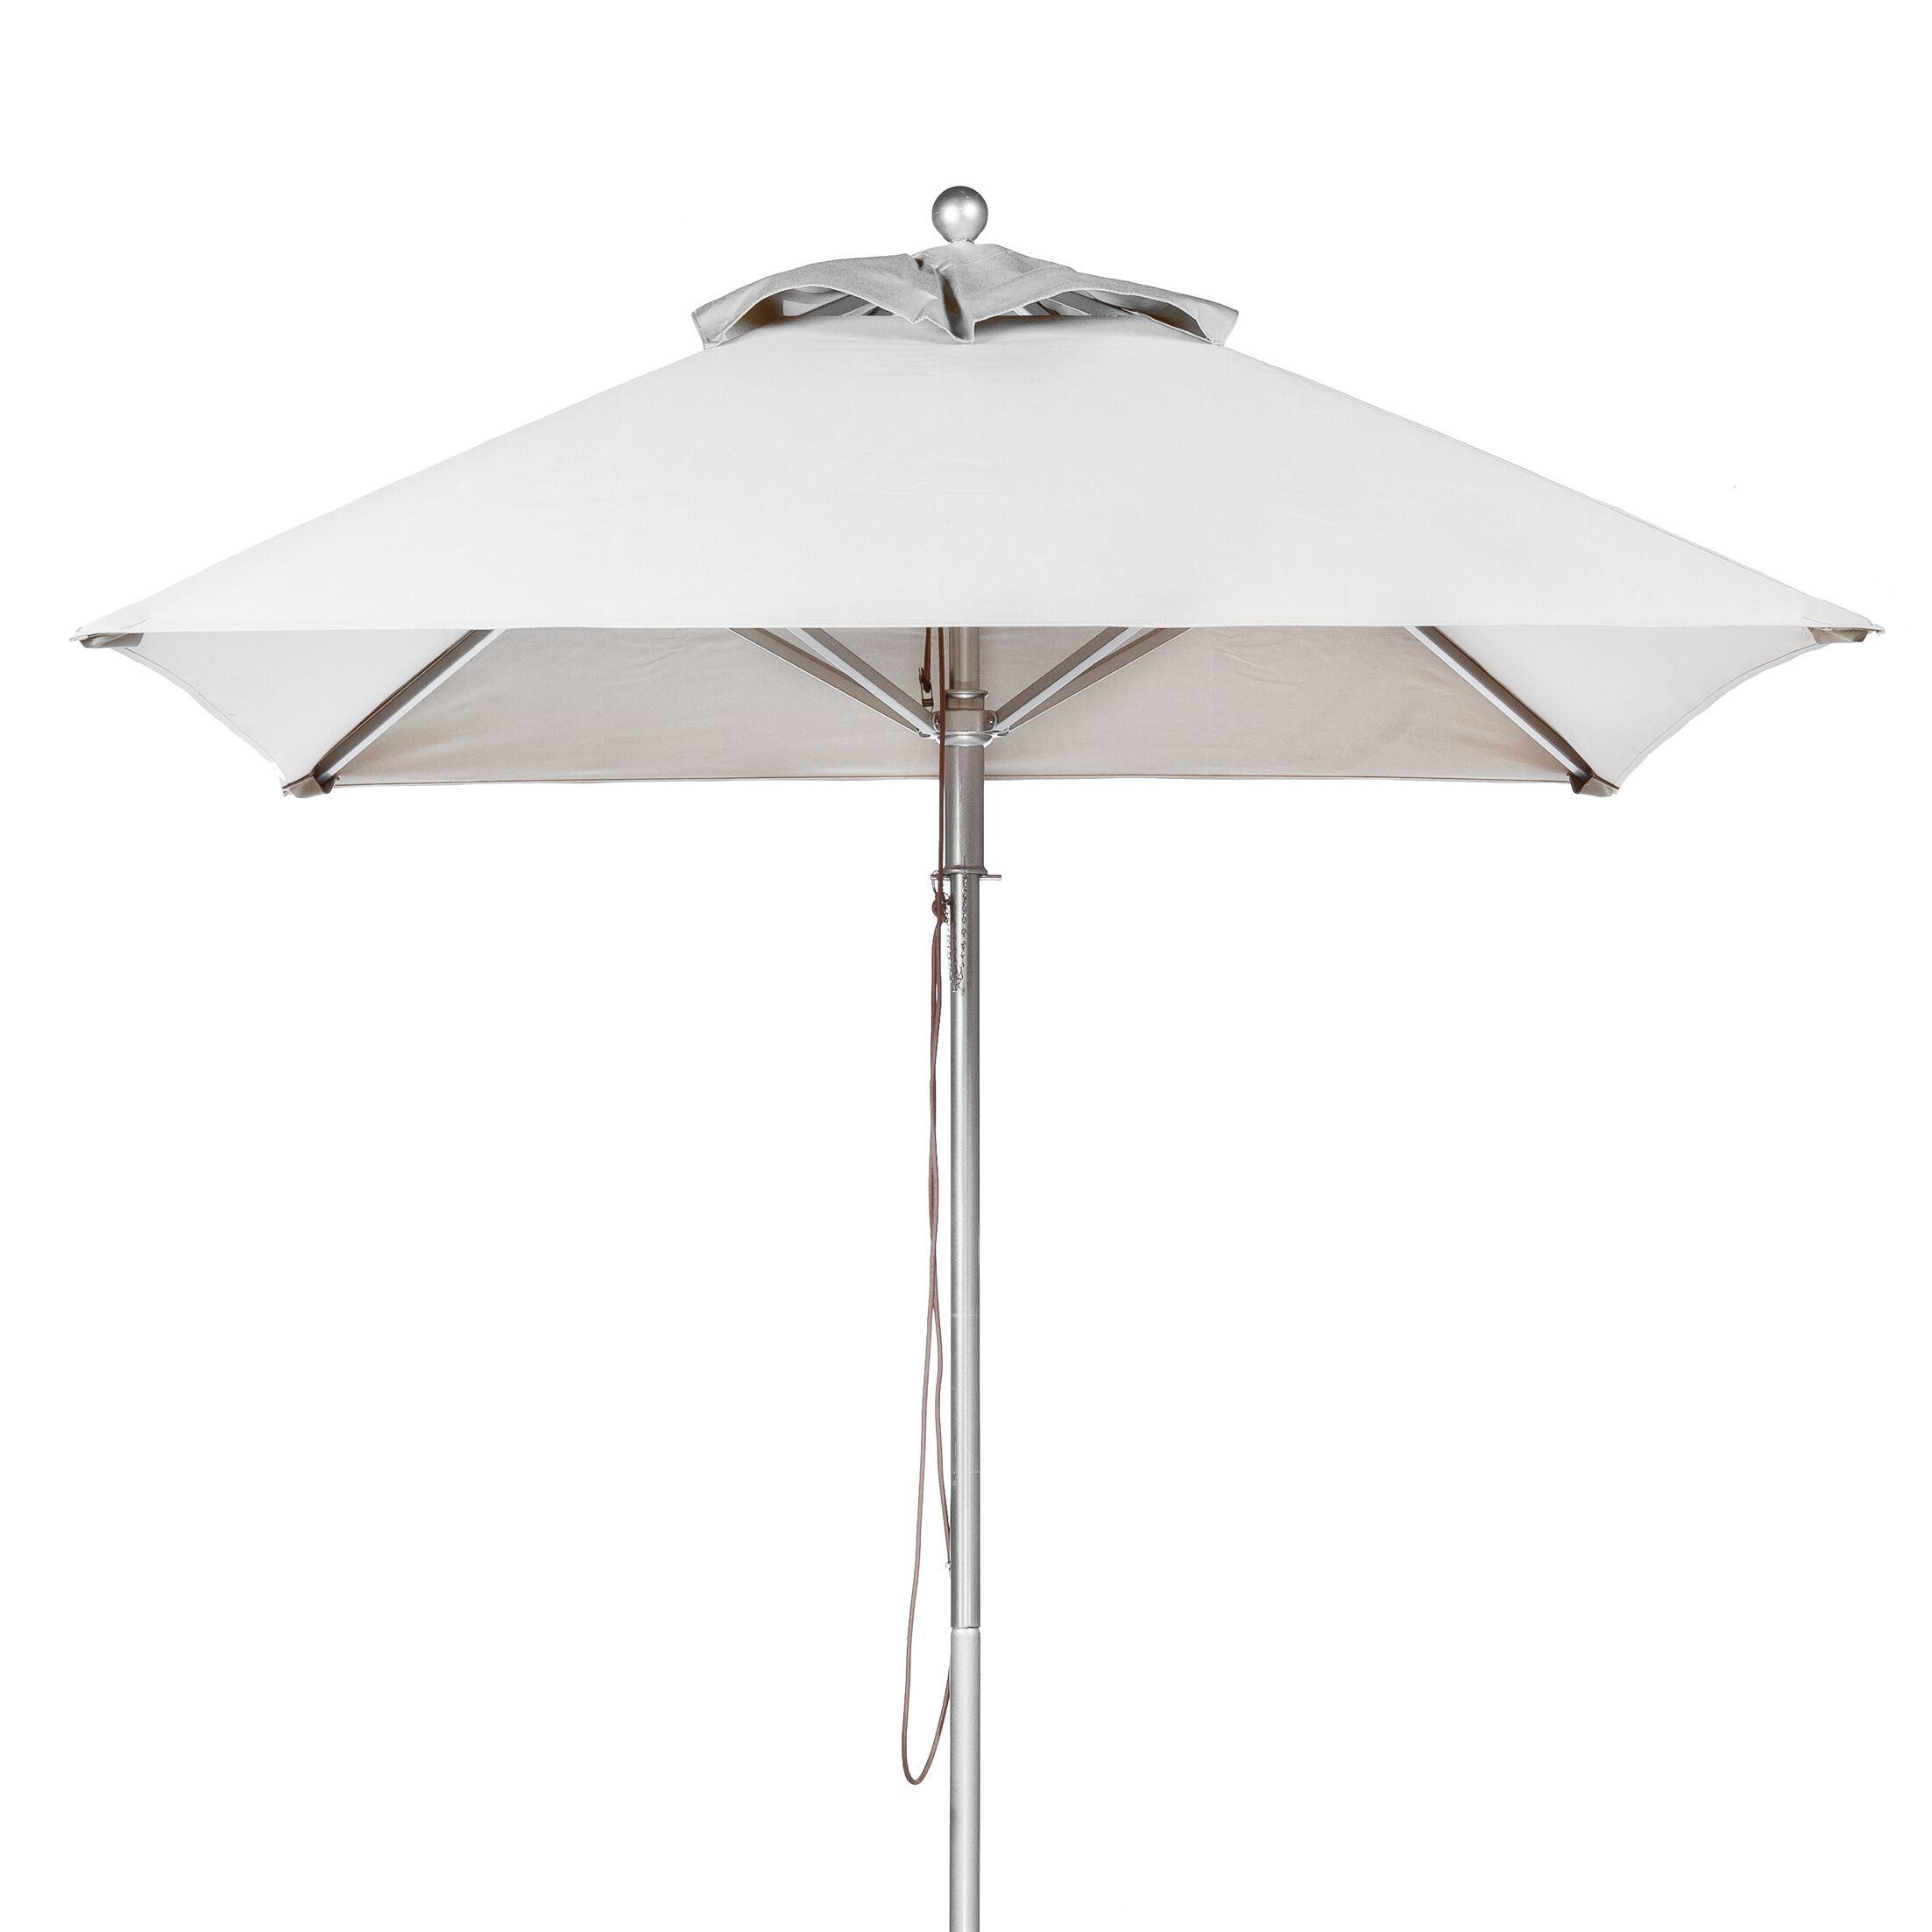 7.5' Square Market Umbrella Fabric: White